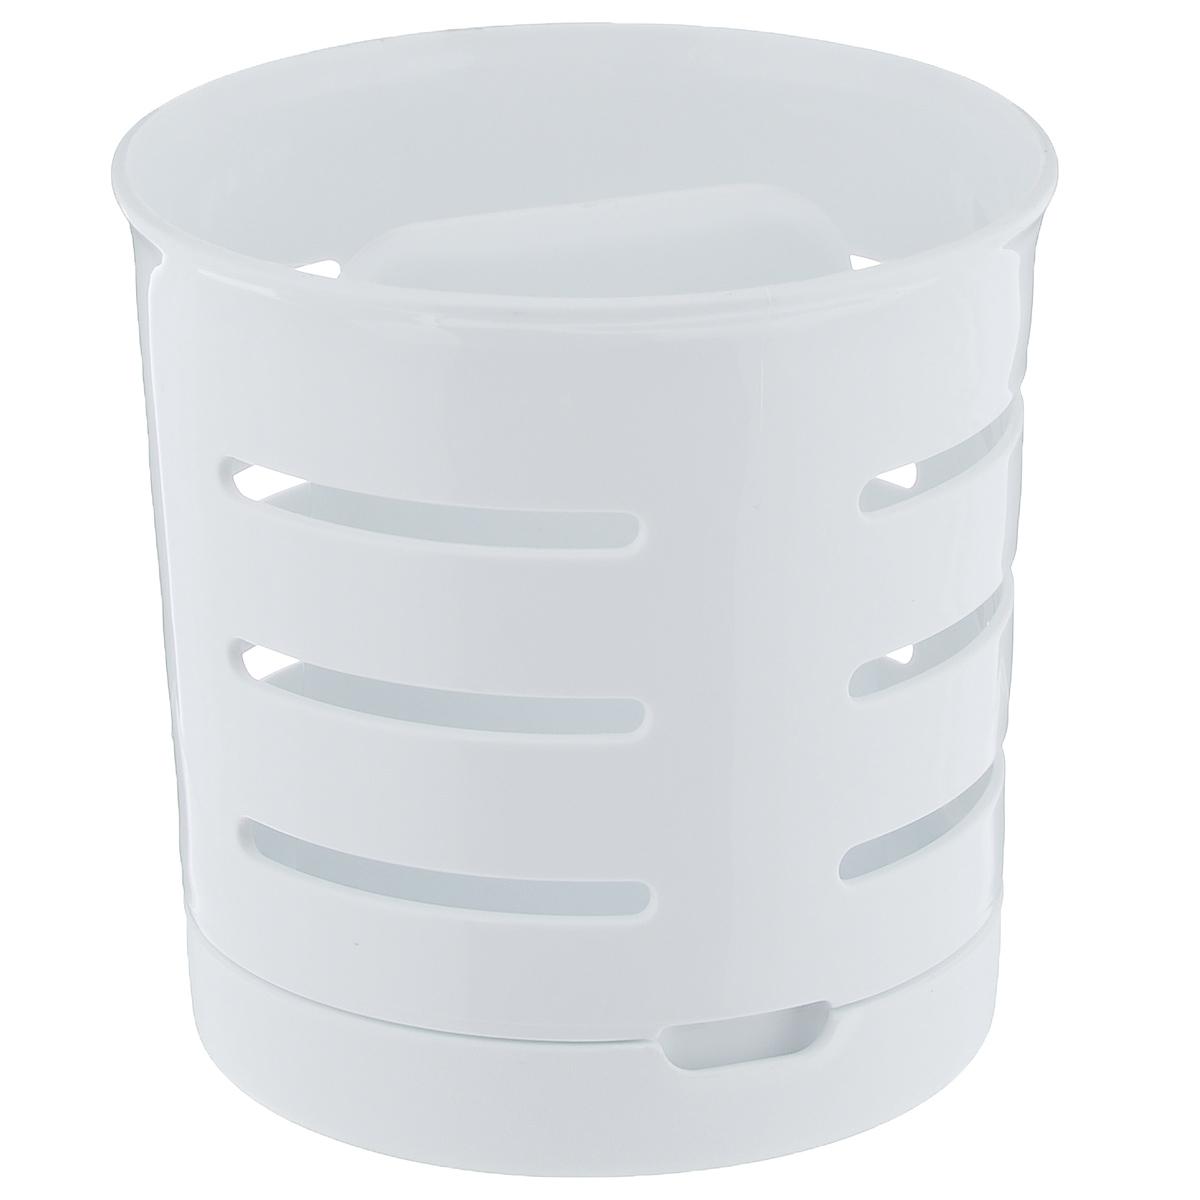 Сушилка для столовых приборов CurverВетерок 2ГФСушилка для столовых приборов Curver изготовлена из прочного пластика. Стенки изделия оформлены перфорацией. Сушилка снабжена поддоном, куда стекает вода. Изделие идеально подходит для хранения столовых приборов.